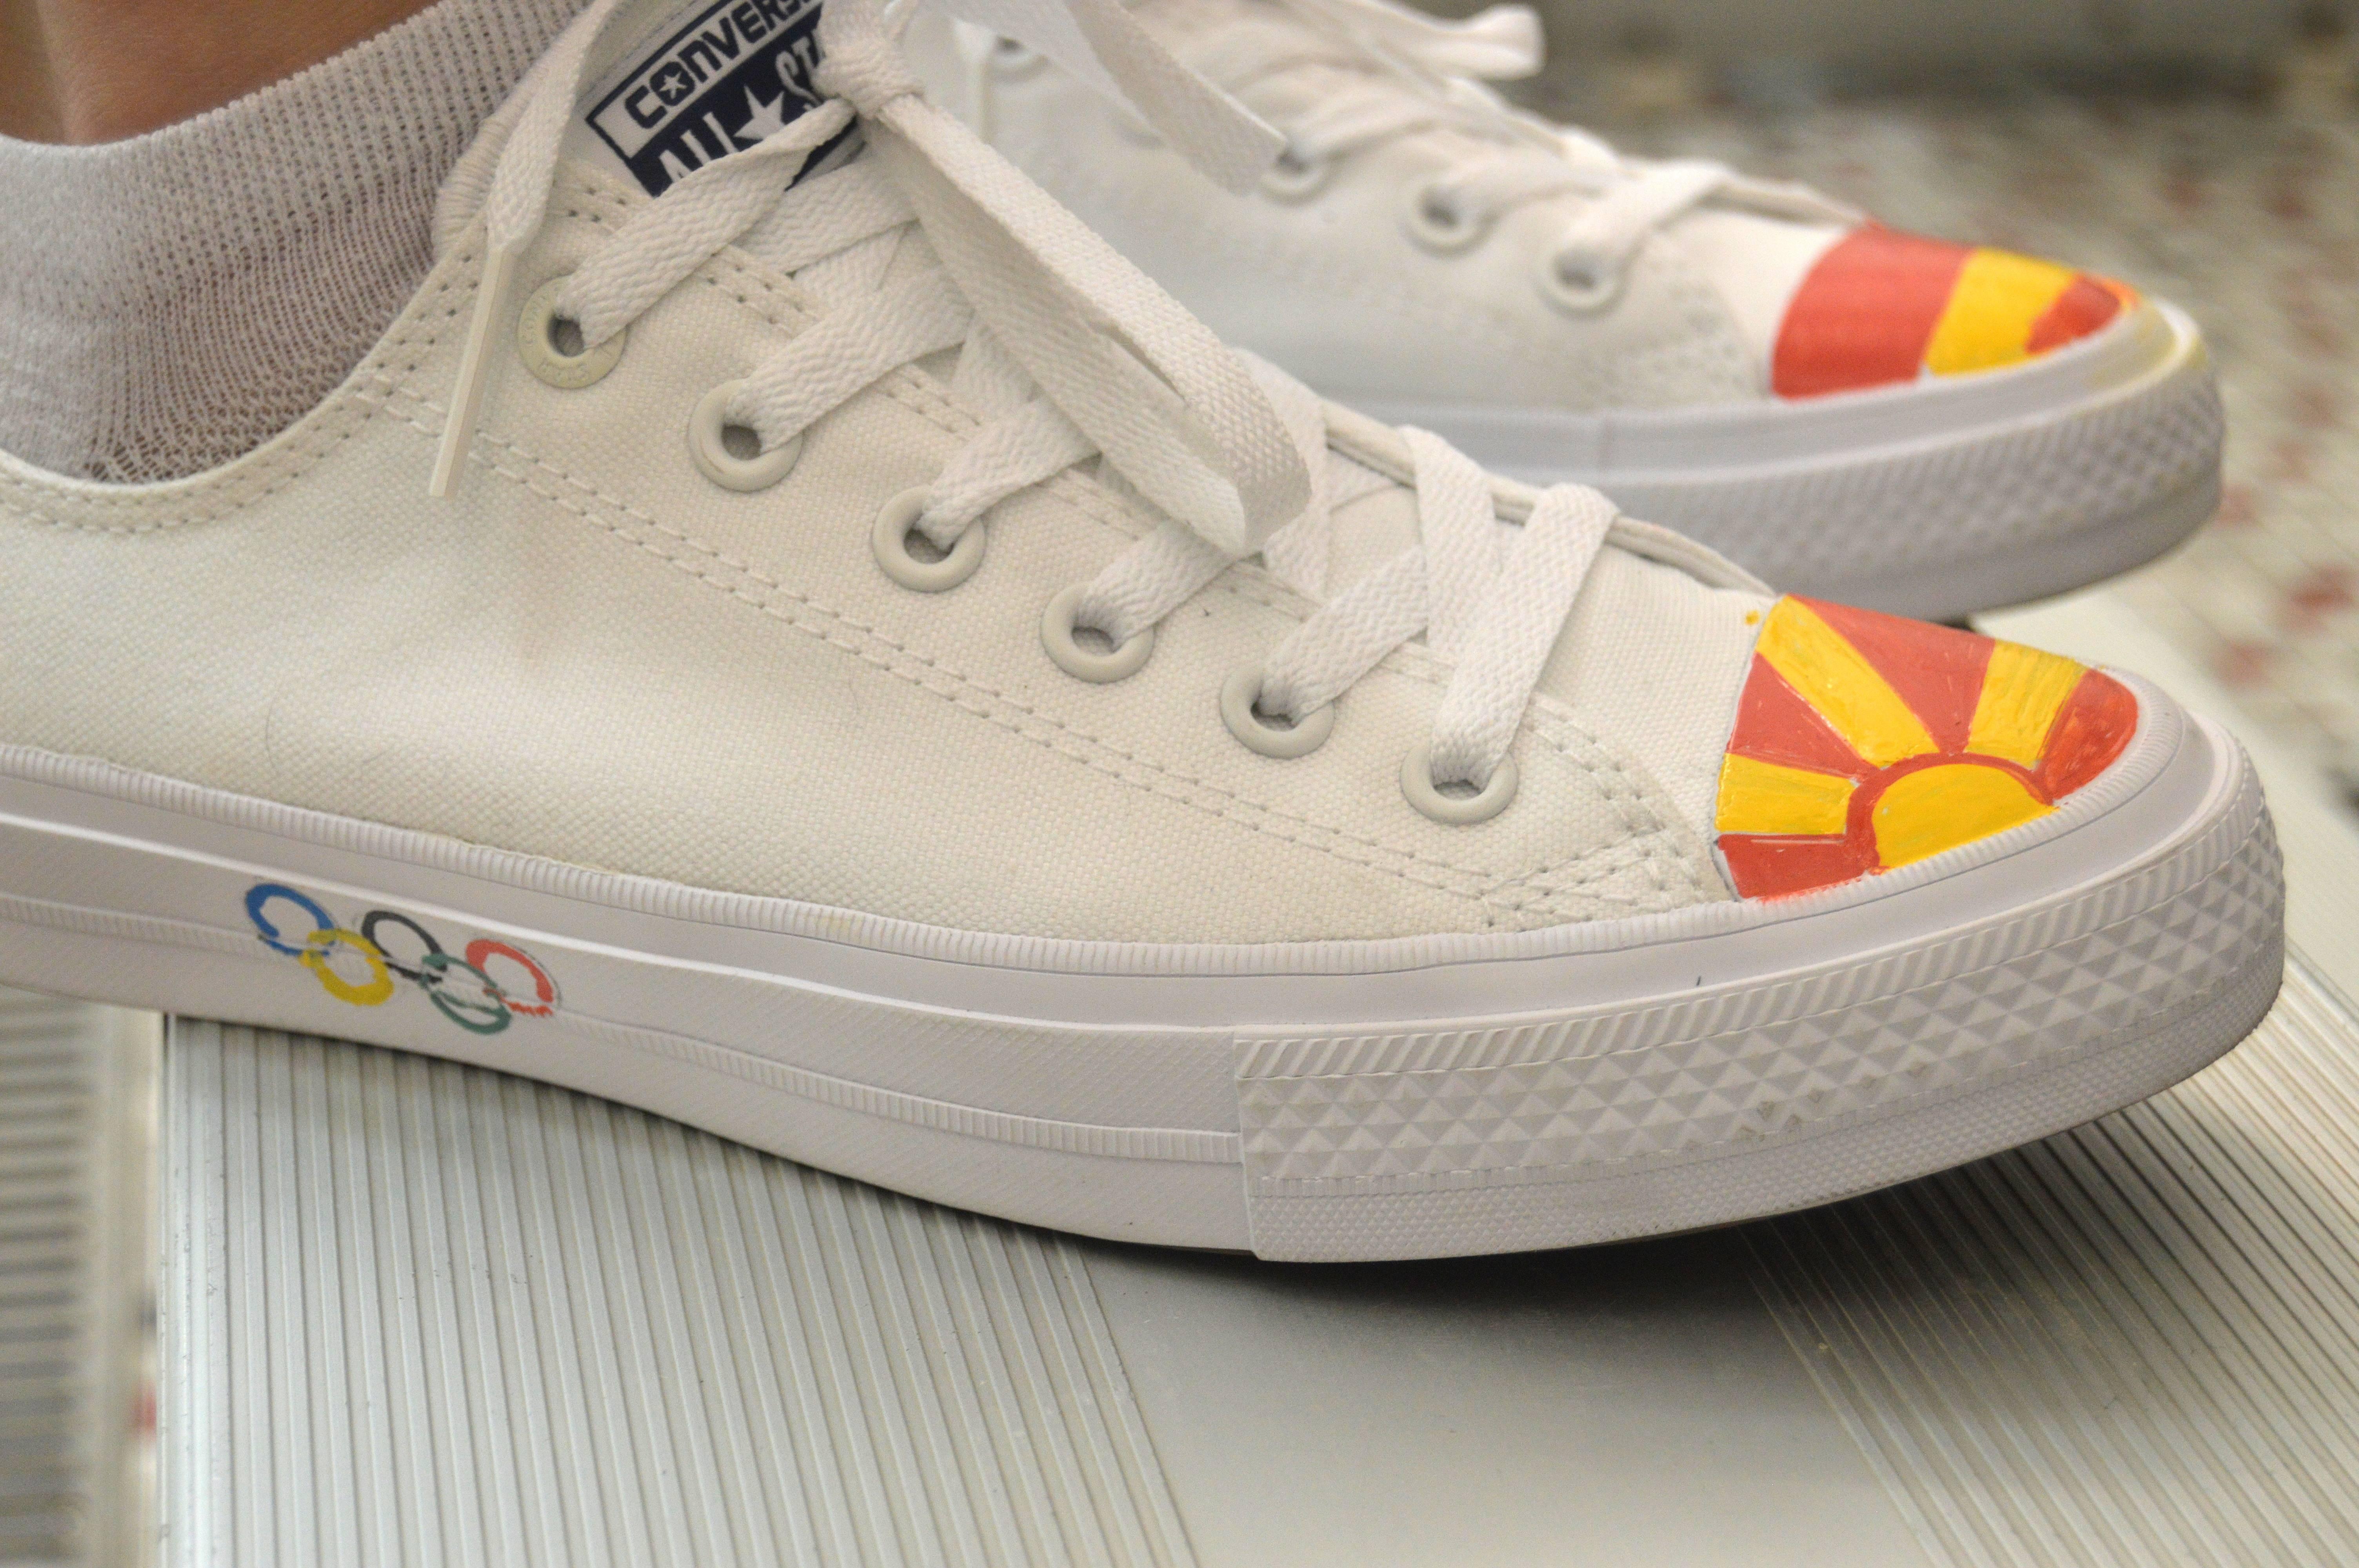 545e295c40d4877f3603_Ana_sneakers.JPG